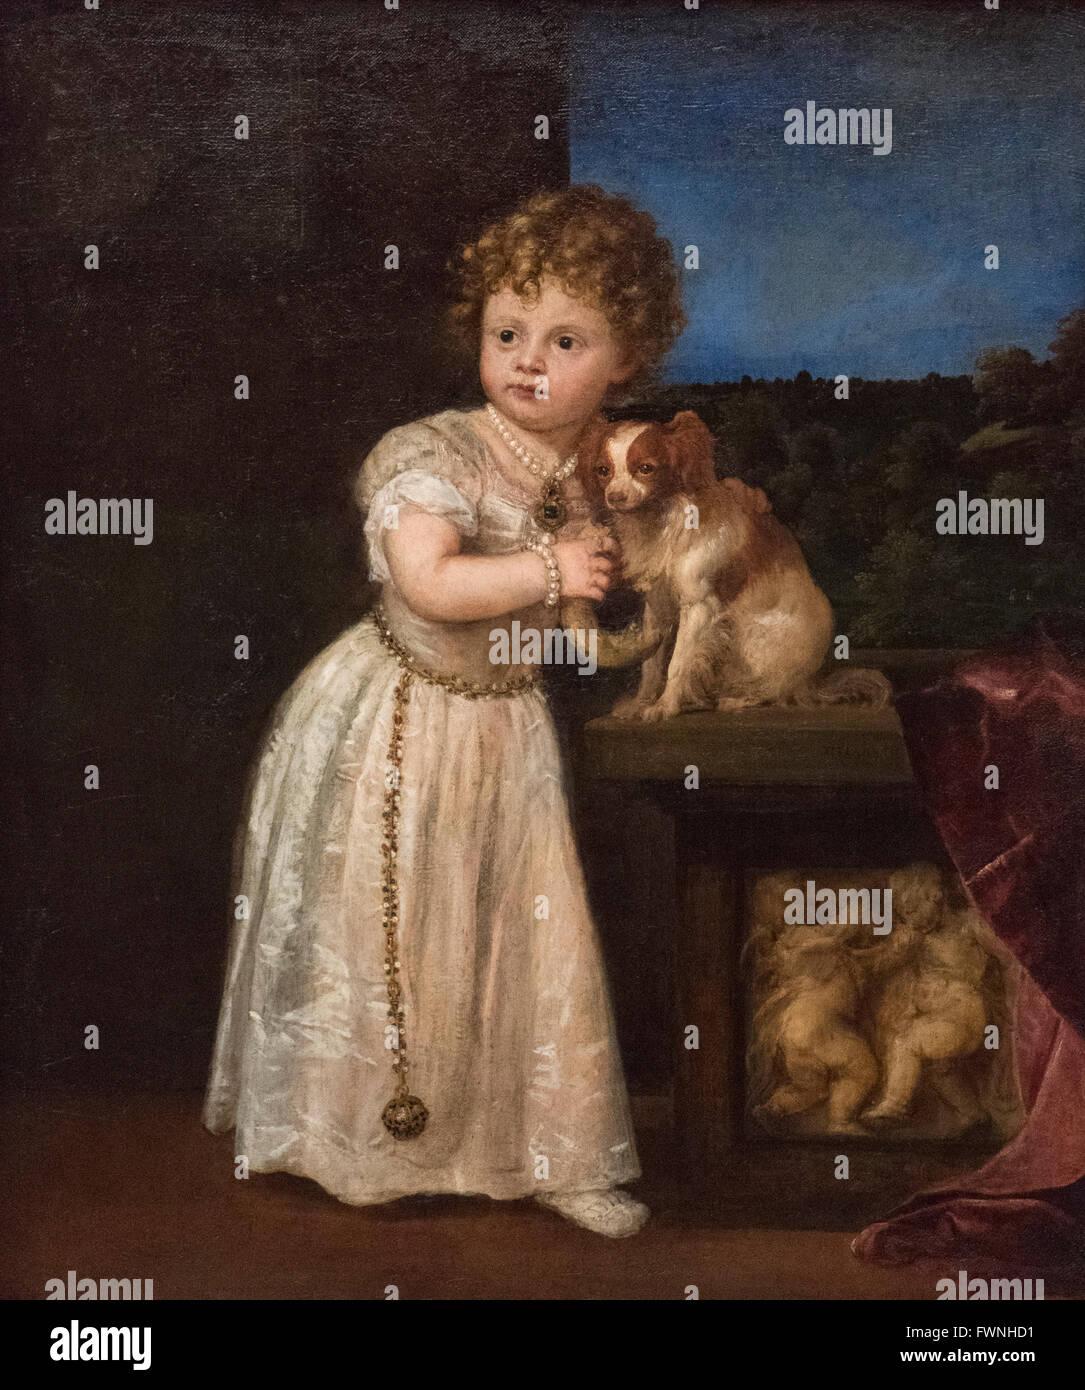 Titian - Tiziano Vecellio (ca. 1488/90-1576), Clarissa Strozzi (1540-1581) age 2 years old. 1542. - Stock Image